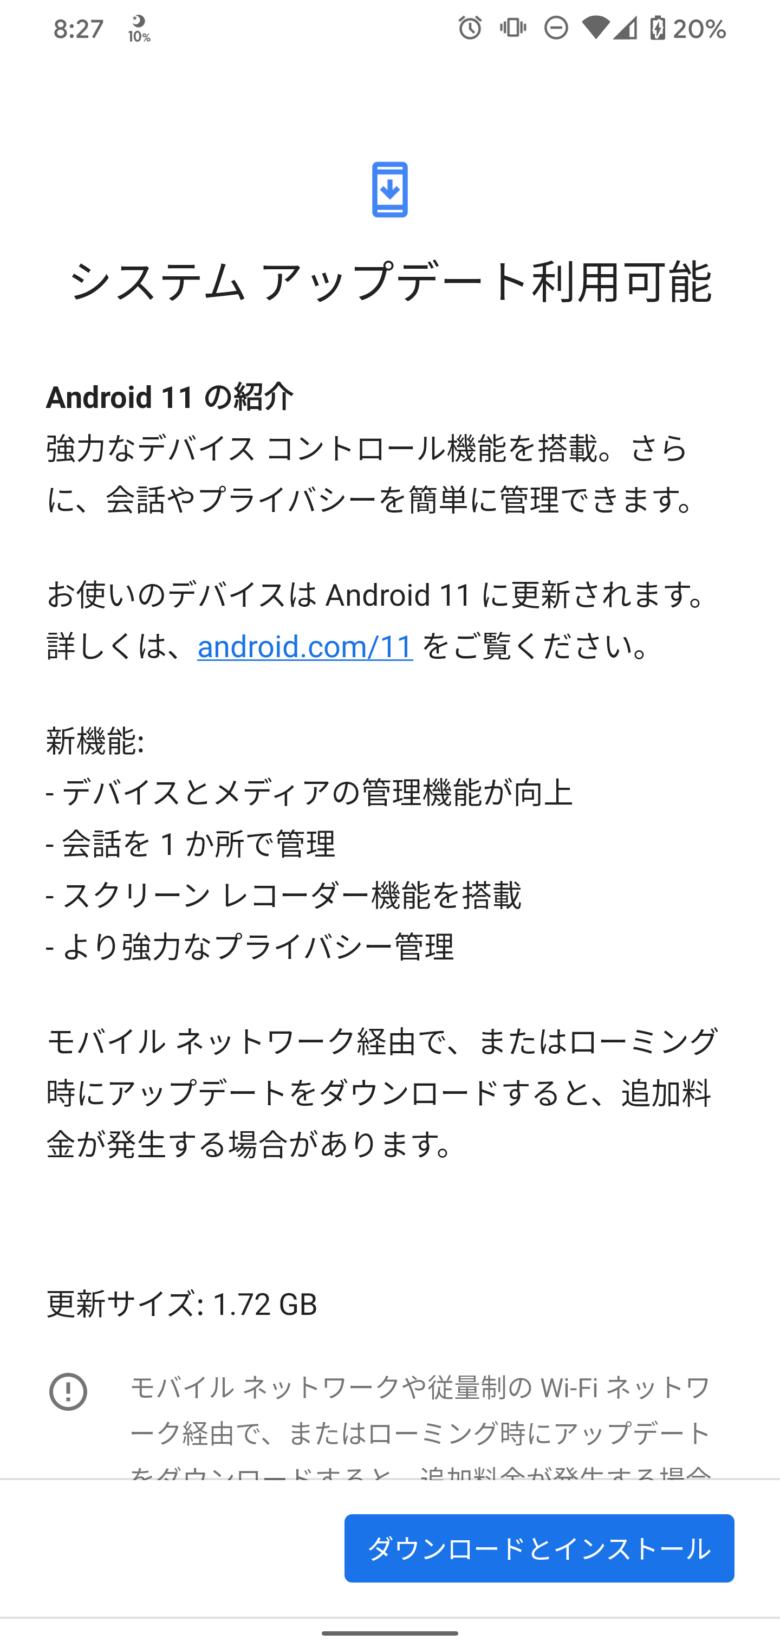 Android11へのシステムアップデート画面。